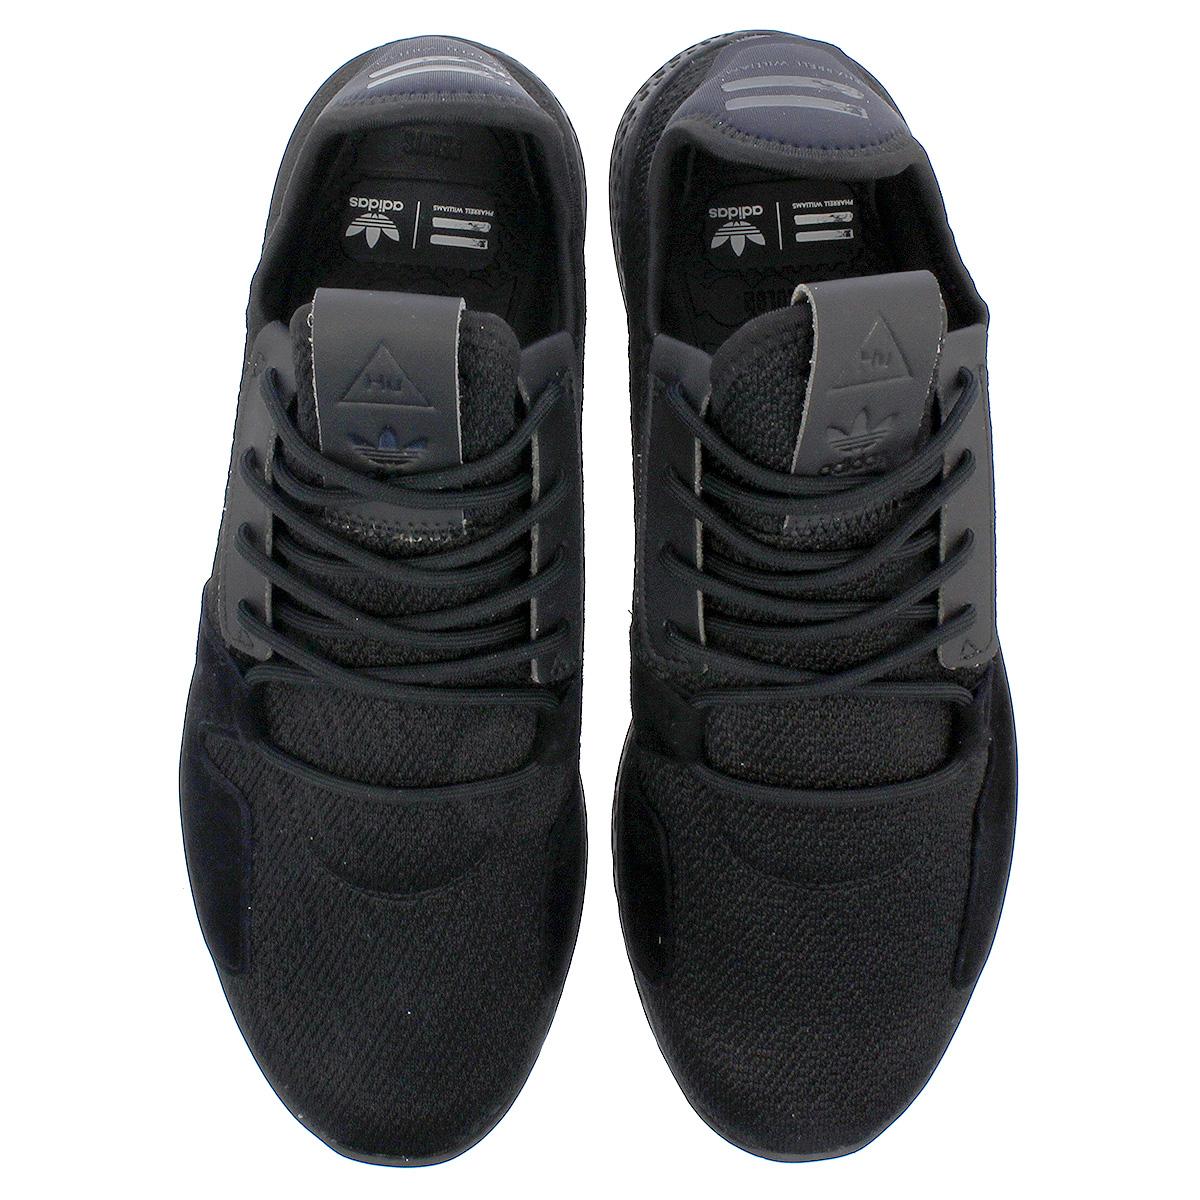 adidas PW TENNIS HU V2 Adidas Farrell Williams tennis HU V2 CORE BLACKCARBONRUNNING WHITE db3326